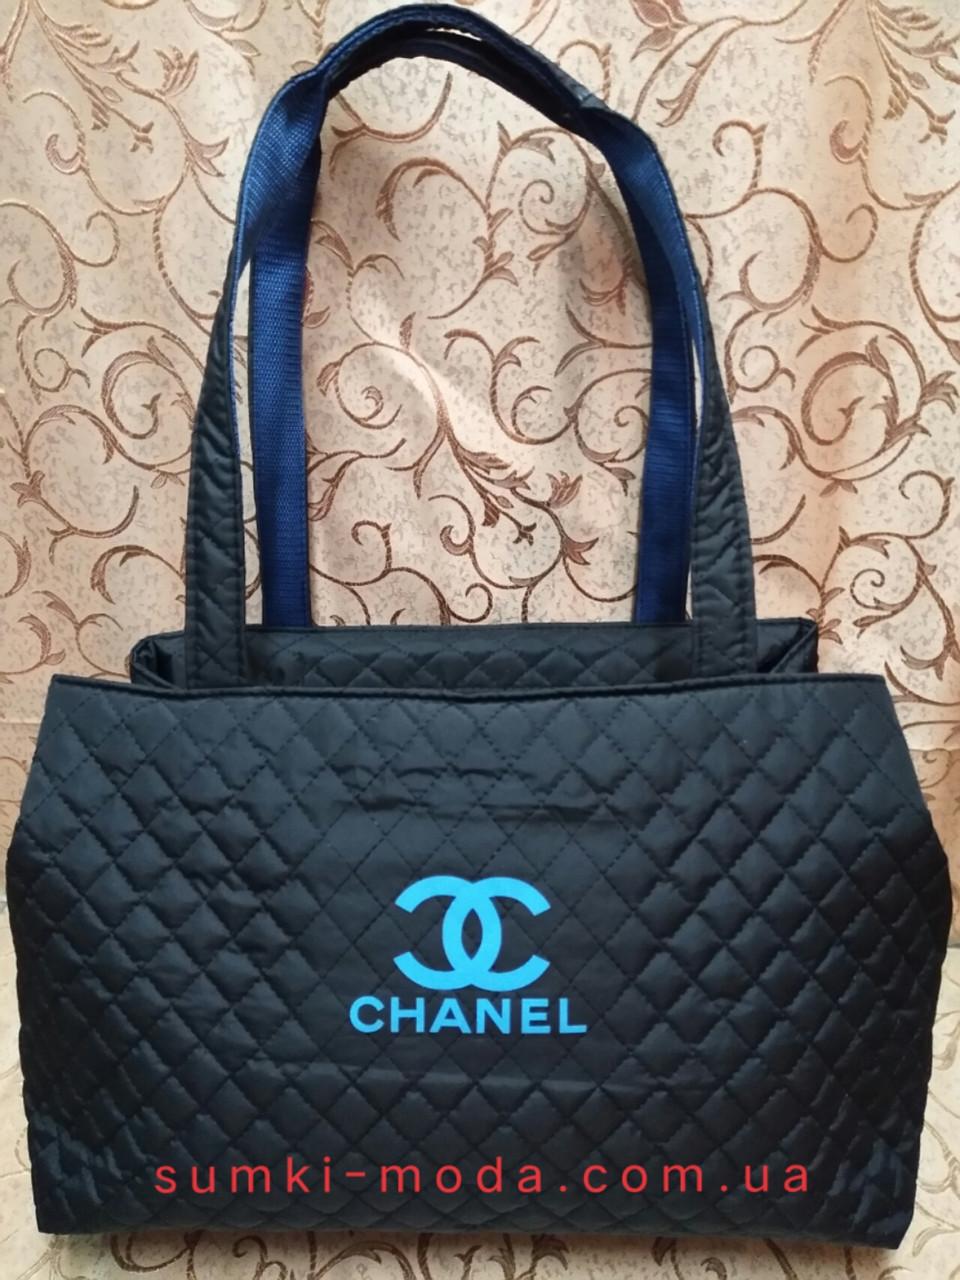 Женские сумка стеганная Сhanel/Шанель (Лучшее качество)сумка стеганная/ Сумка спортивная(